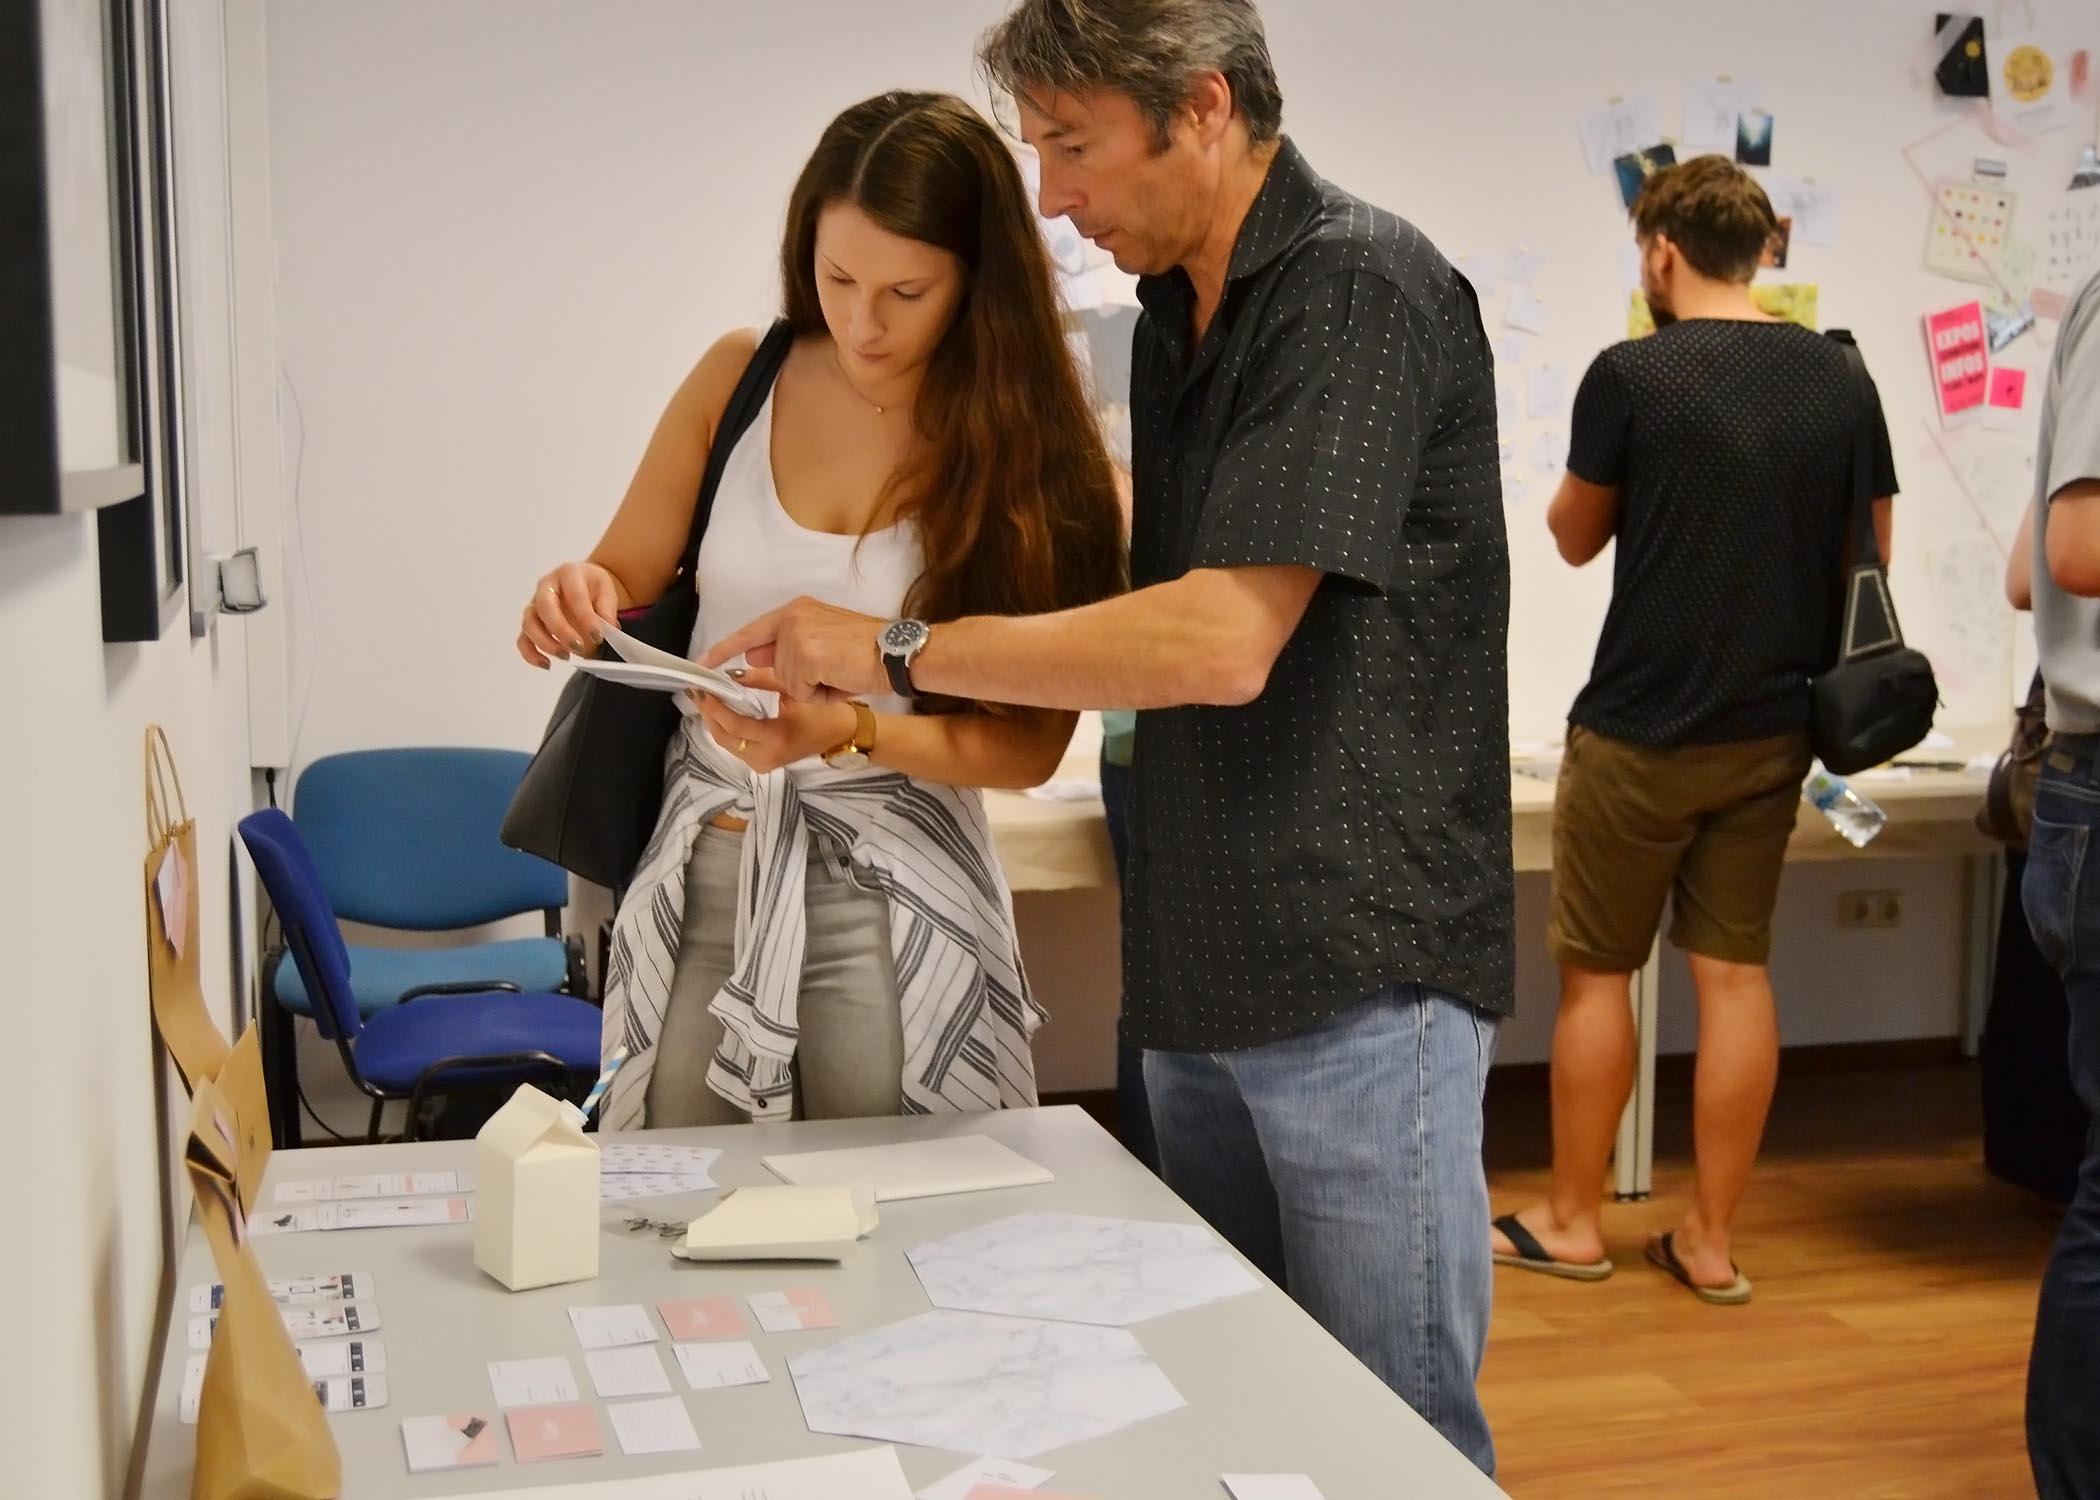 Präsentation der Bachelorarbeit einer Design-Absolventin.